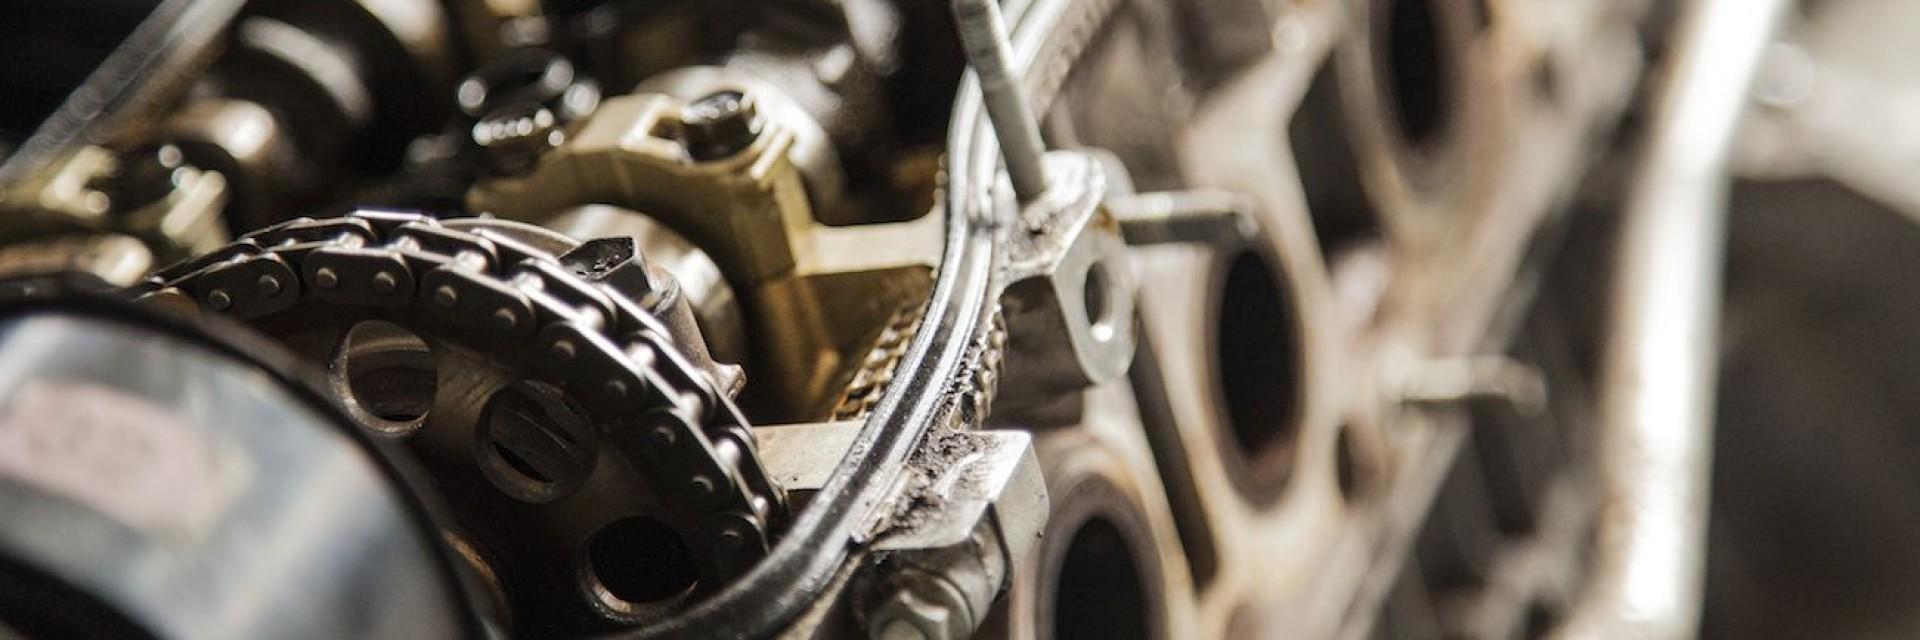 A mechanical gear as a part of an internal combustion engine